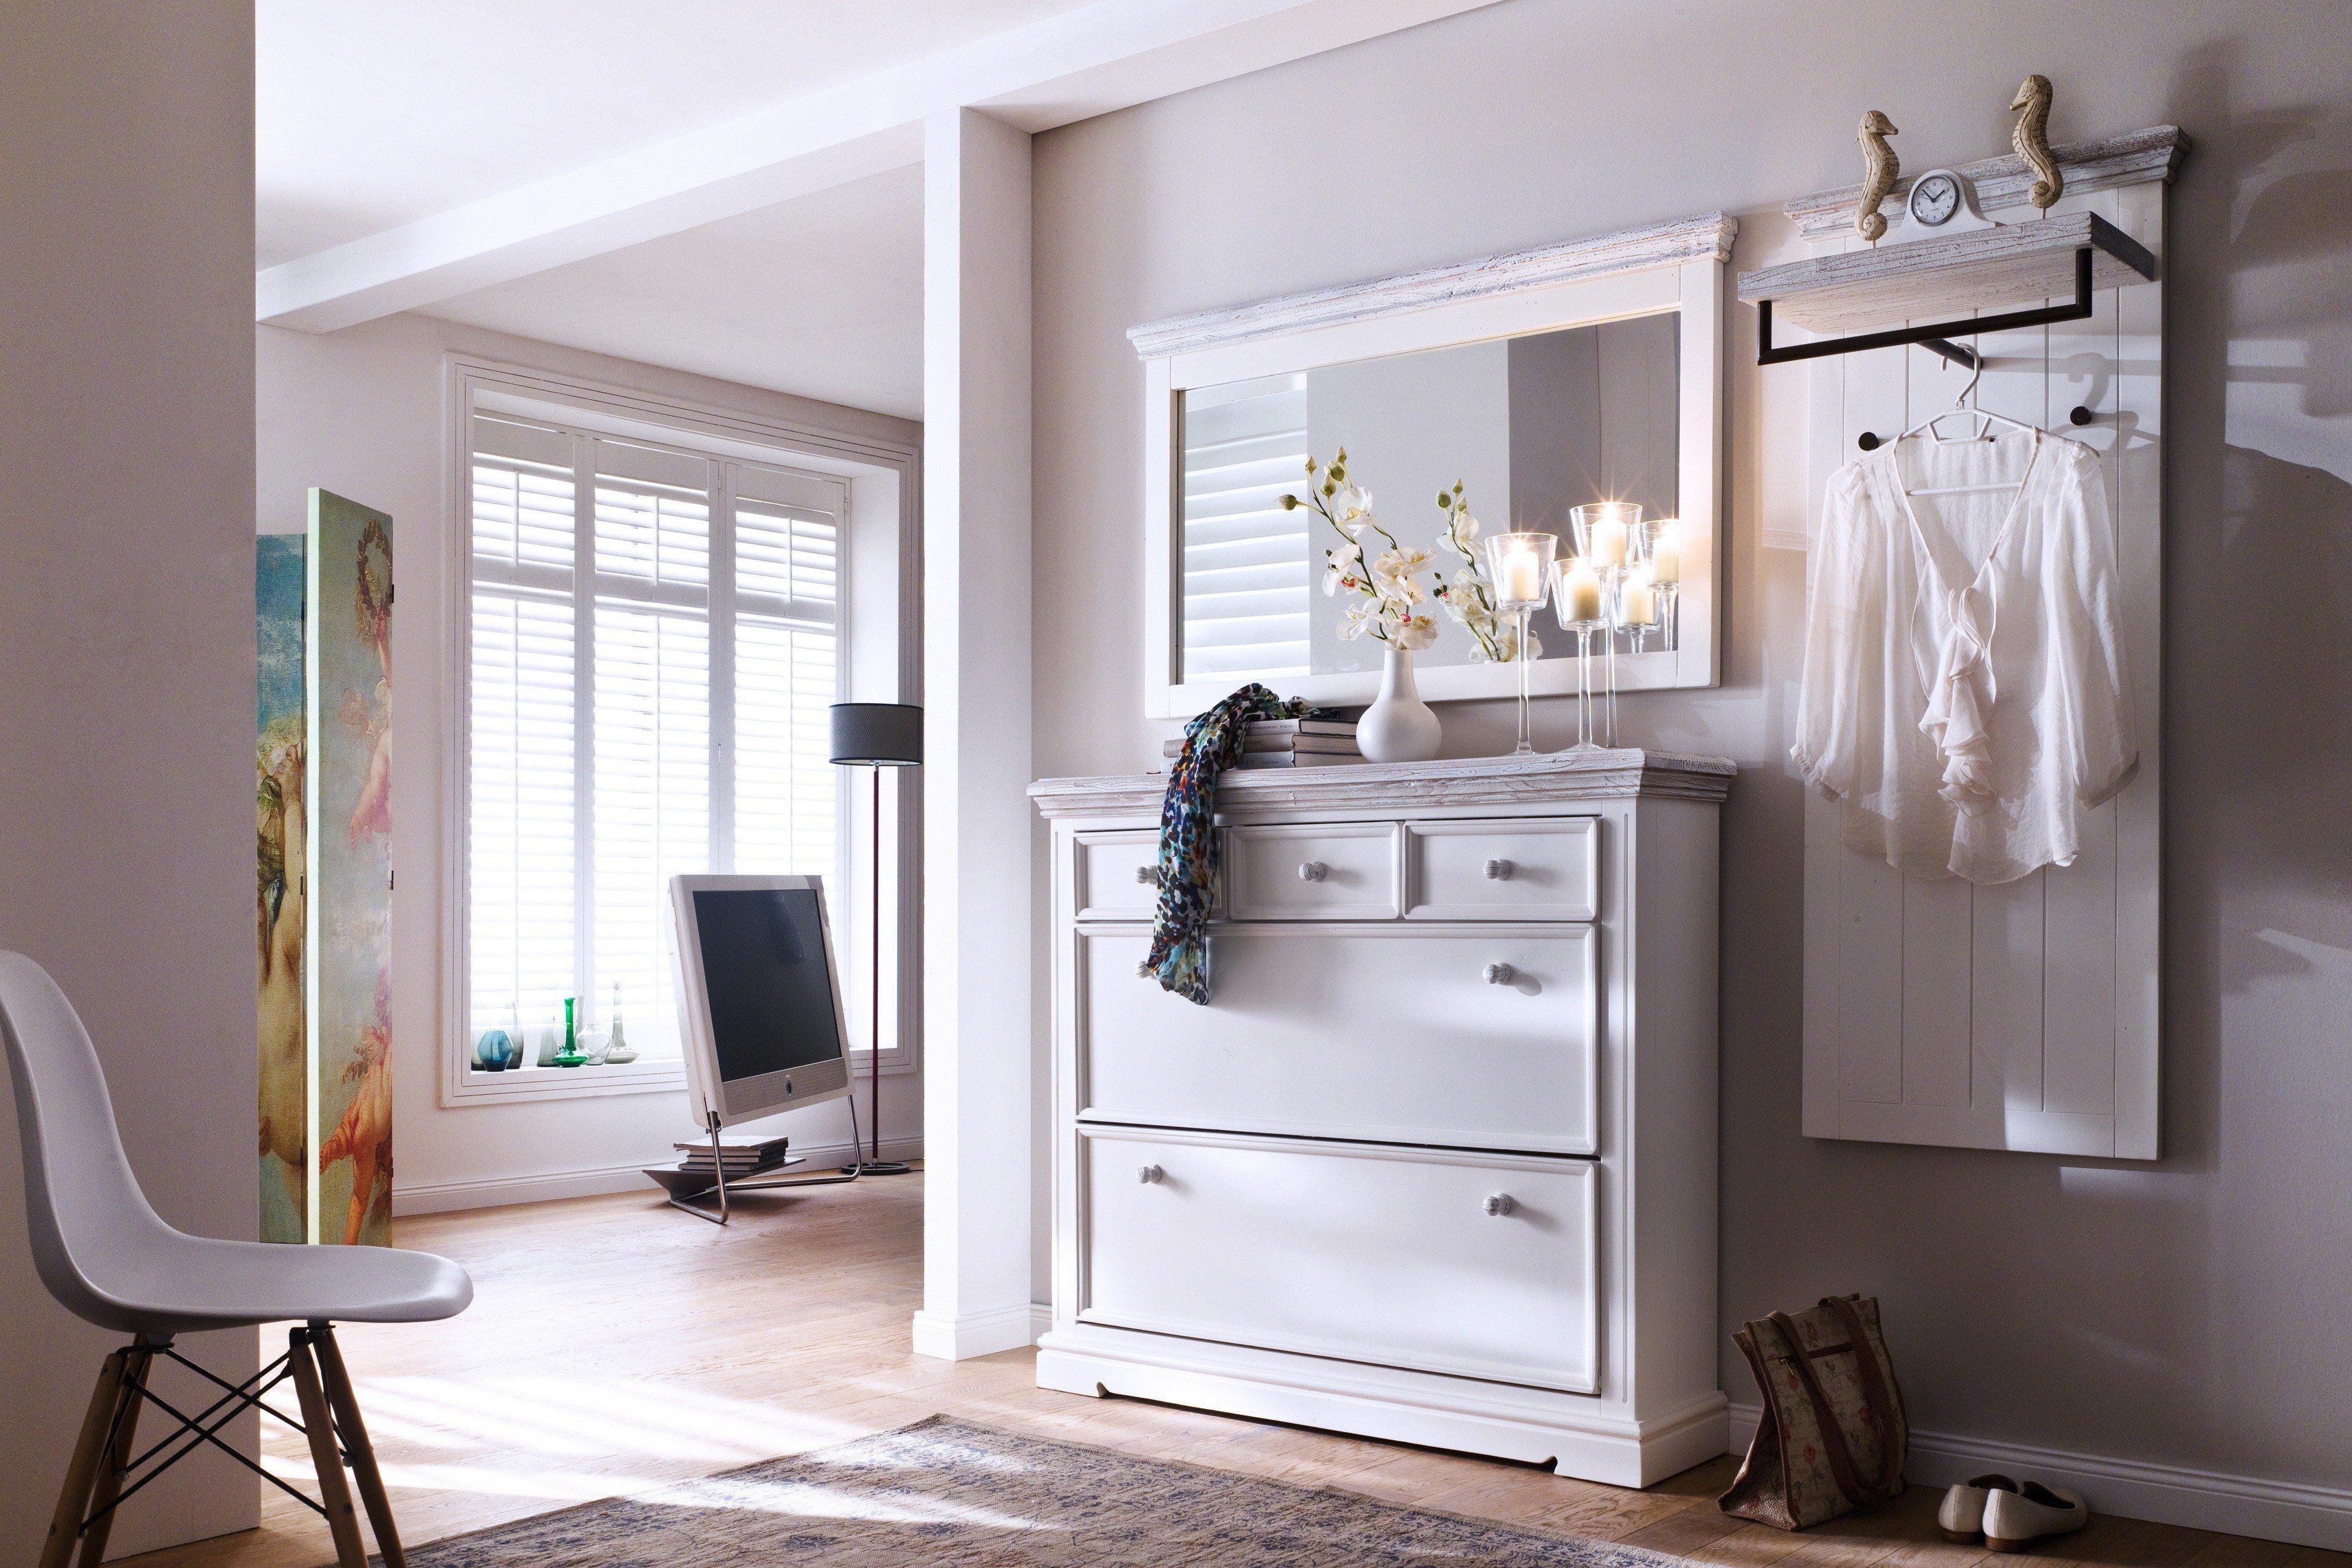 garderobe osita wei kiefer mca furniture m bel letz ihr online shop. Black Bedroom Furniture Sets. Home Design Ideas